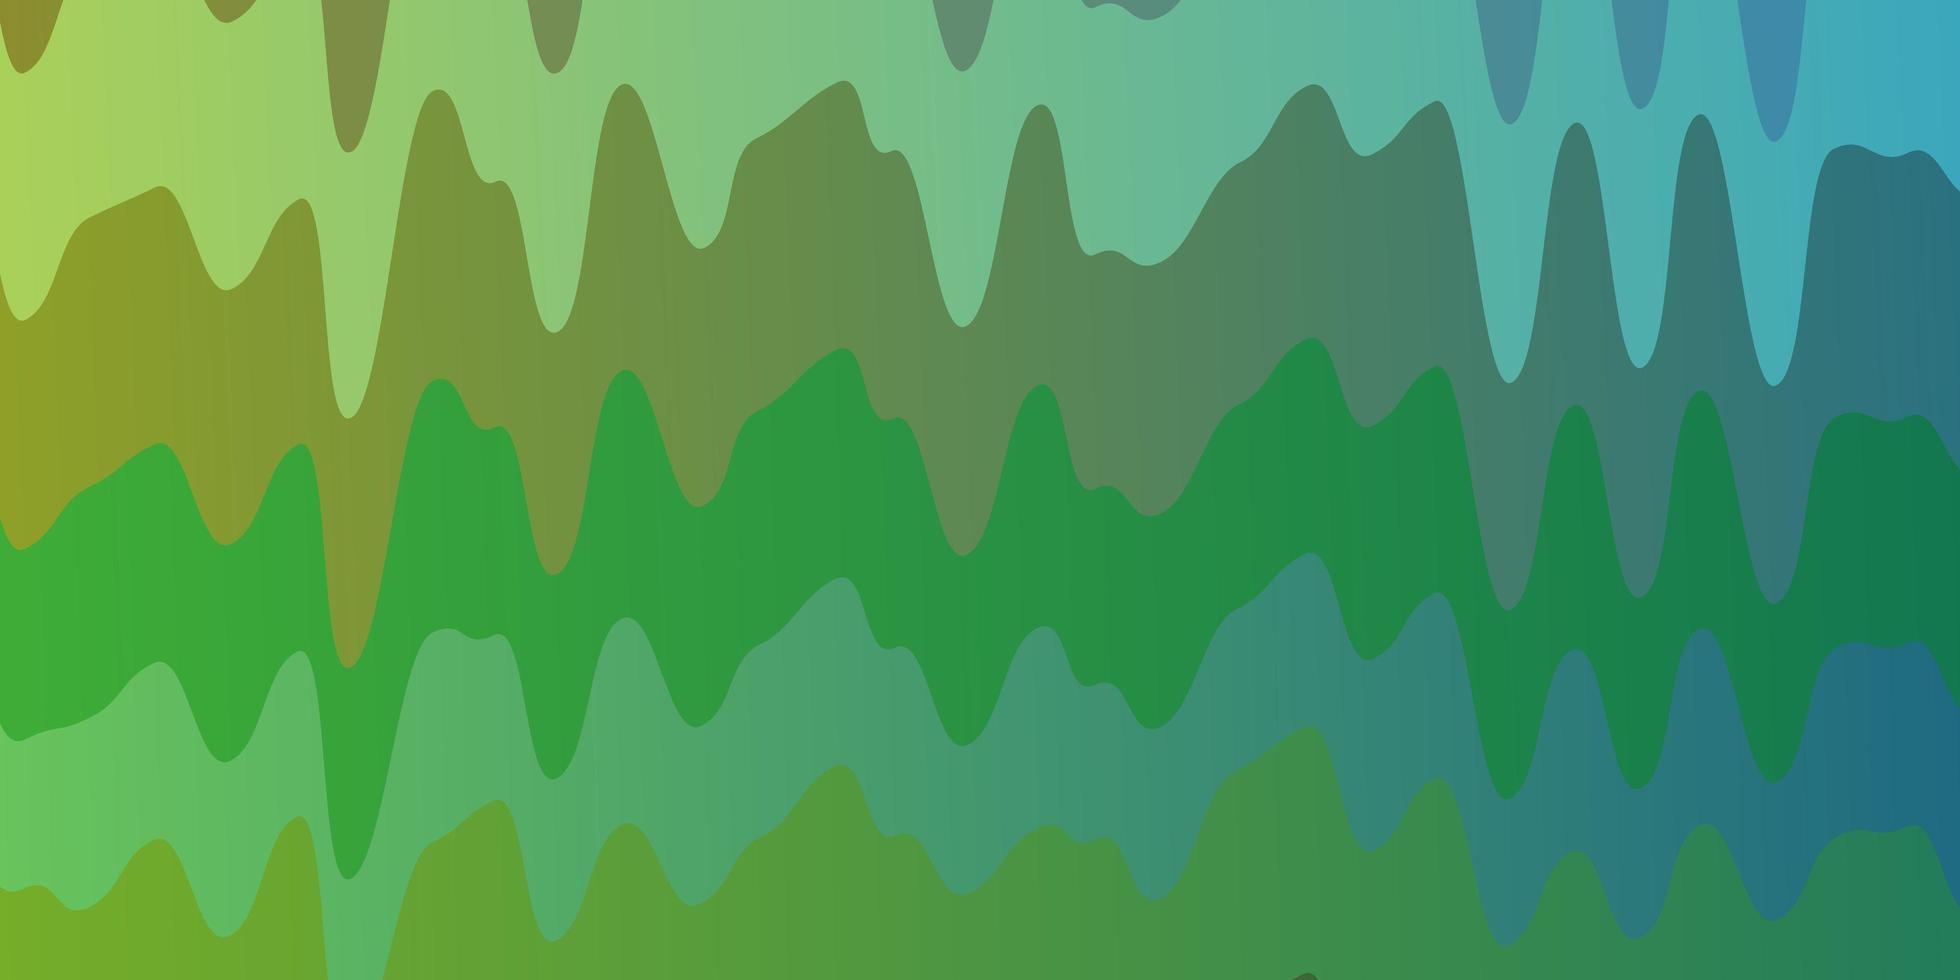 hellgrüne, gelbe Schablone mit geschwungenen Linien. vektor